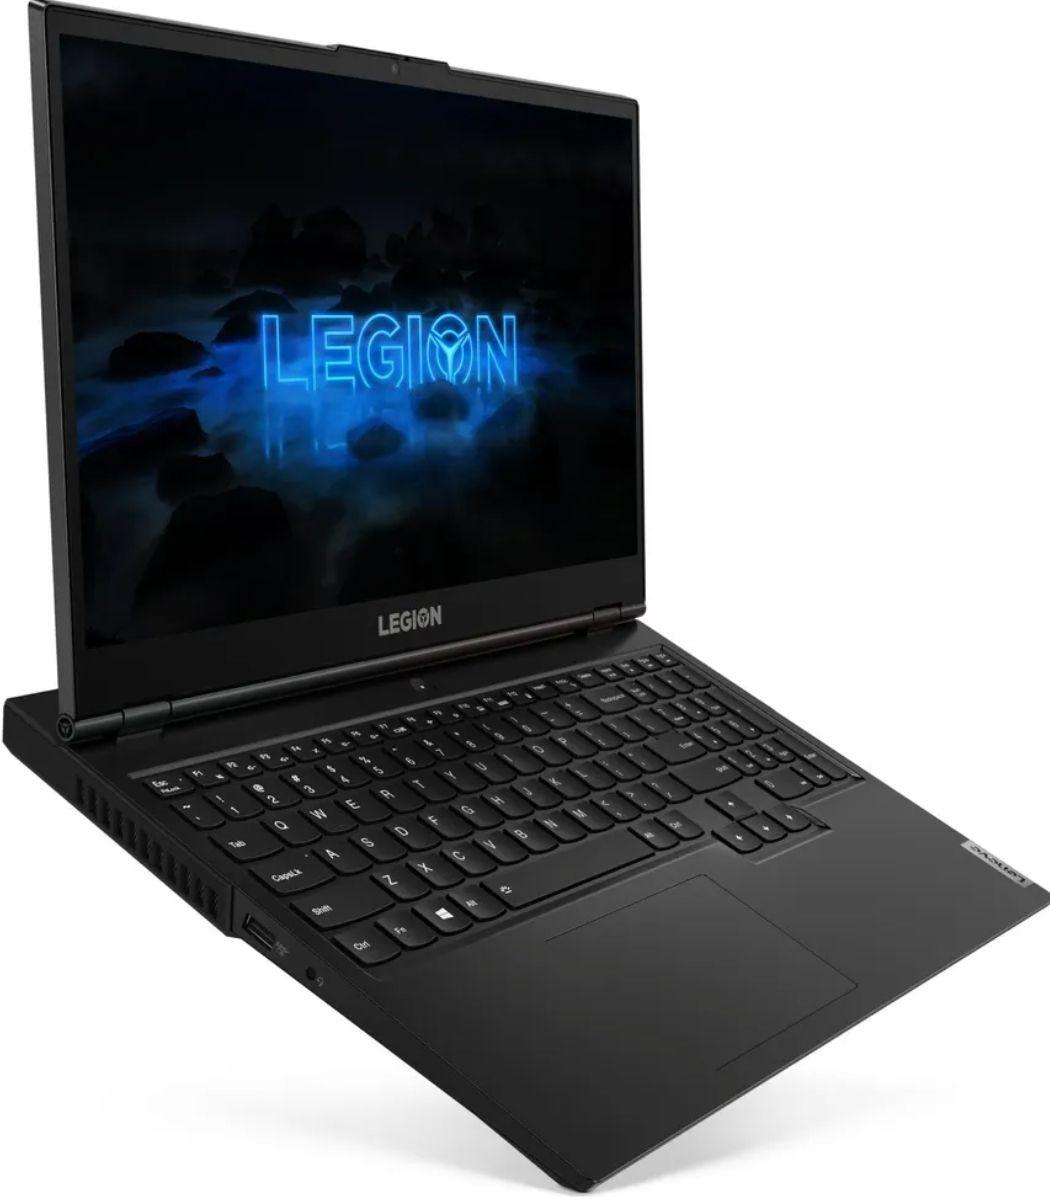 Laptop Lenovo Legion 5 Ryzen 7 4800H, RTX2060, 8GB 3200MHz, 1TB SSD, No OS, 15,6'' 144Hz